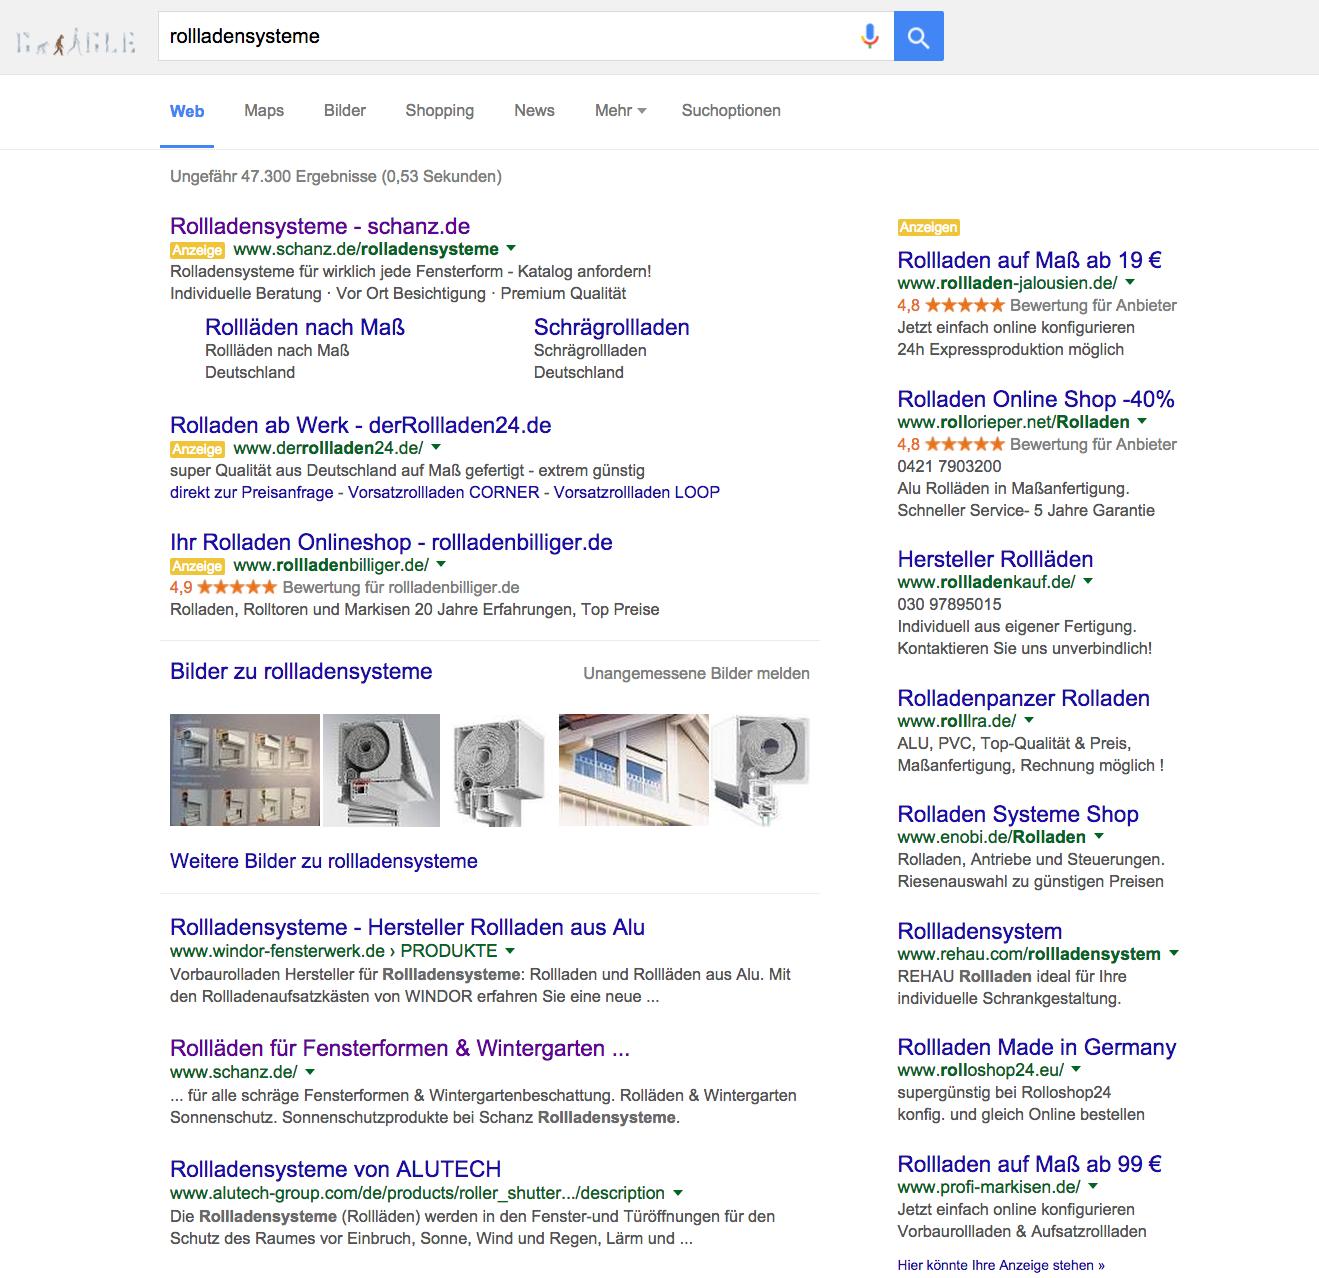 Schanz Rollladen schanz rollladensysteme gmbh oplayo onlinemarketing